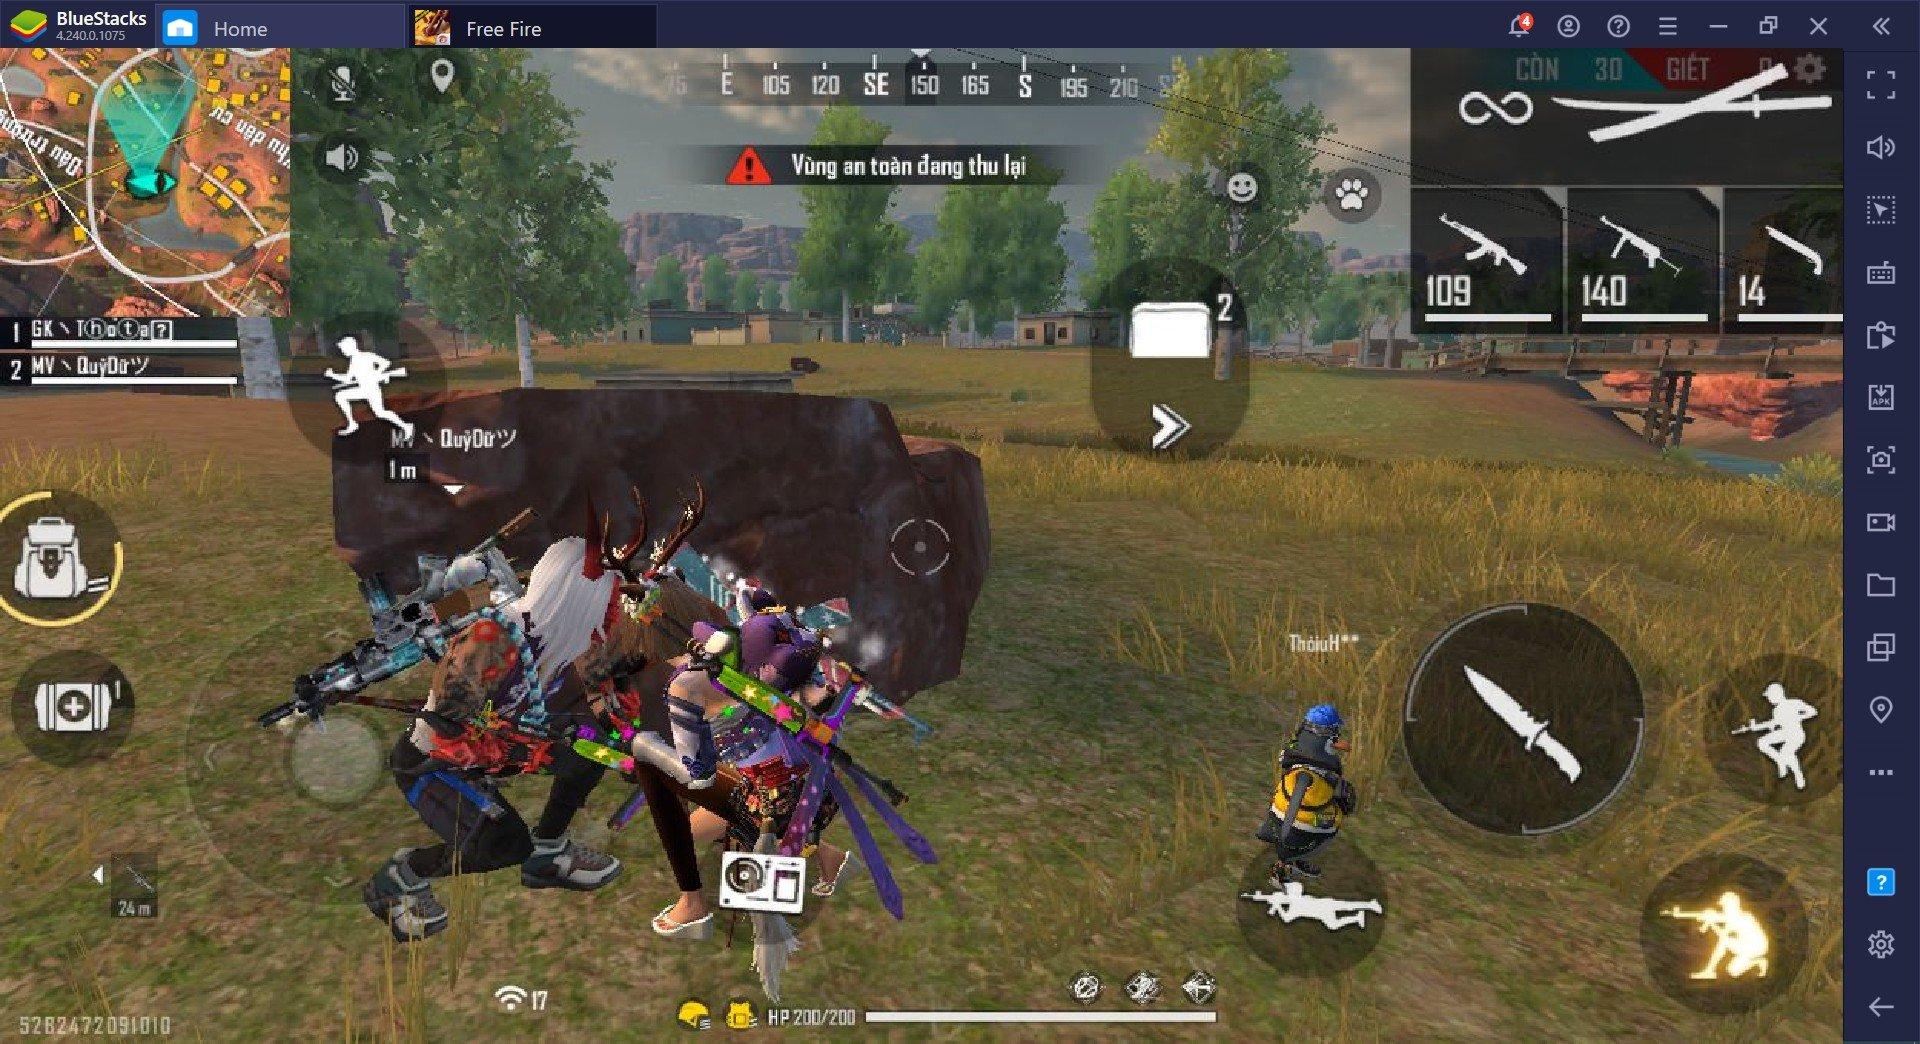 Guia de Sniper do Free Fire: Campere debaixo dos olhos dos inimigos